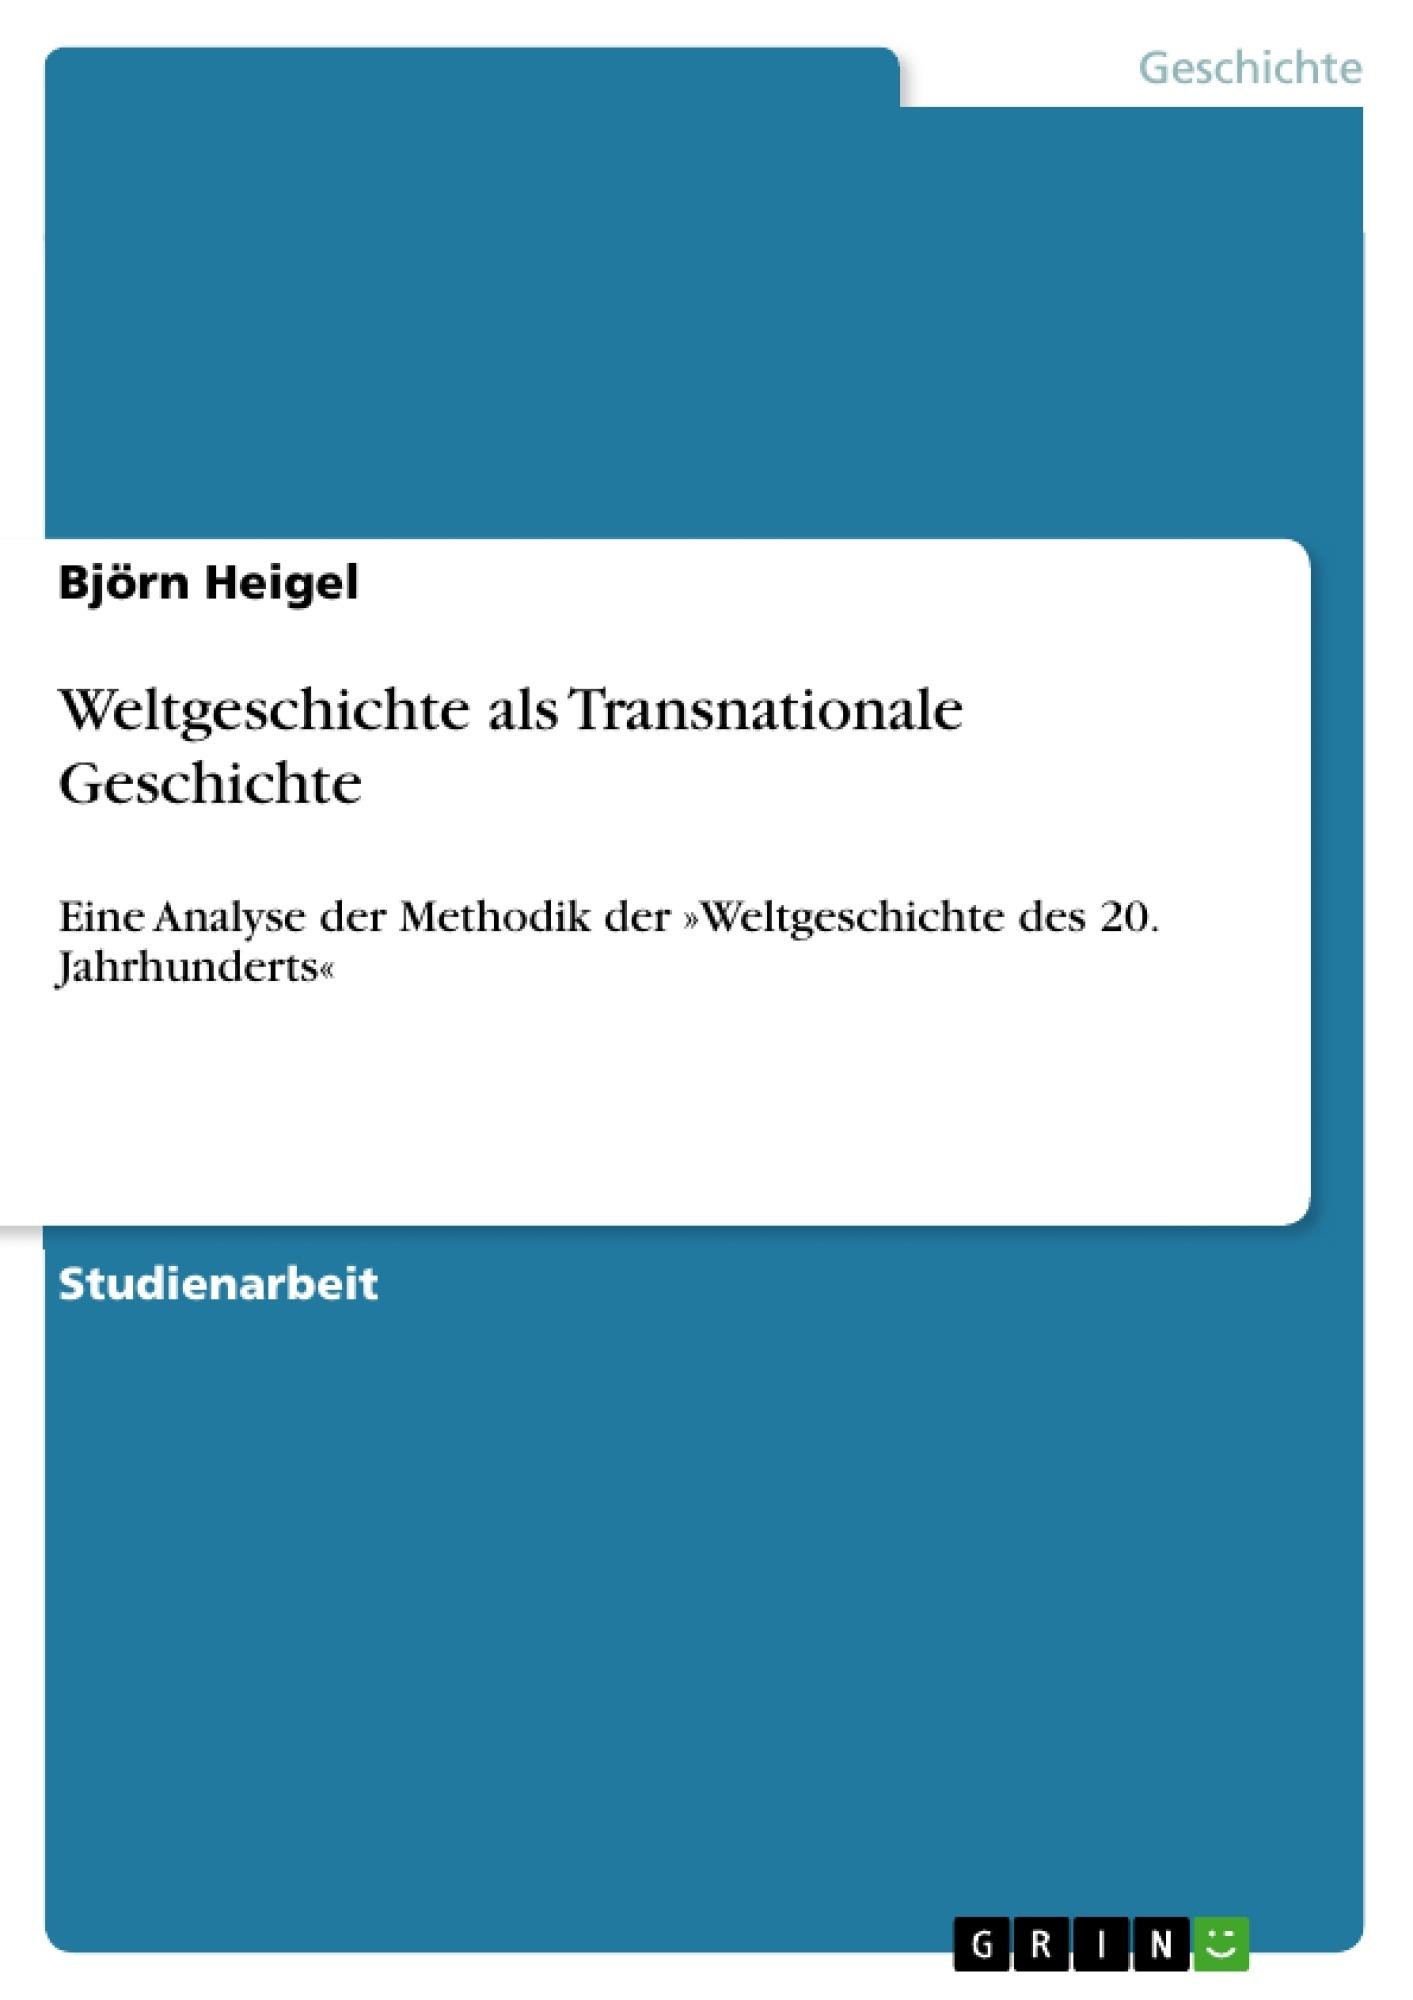 Titel: Weltgeschichte als Transnationale Geschichte